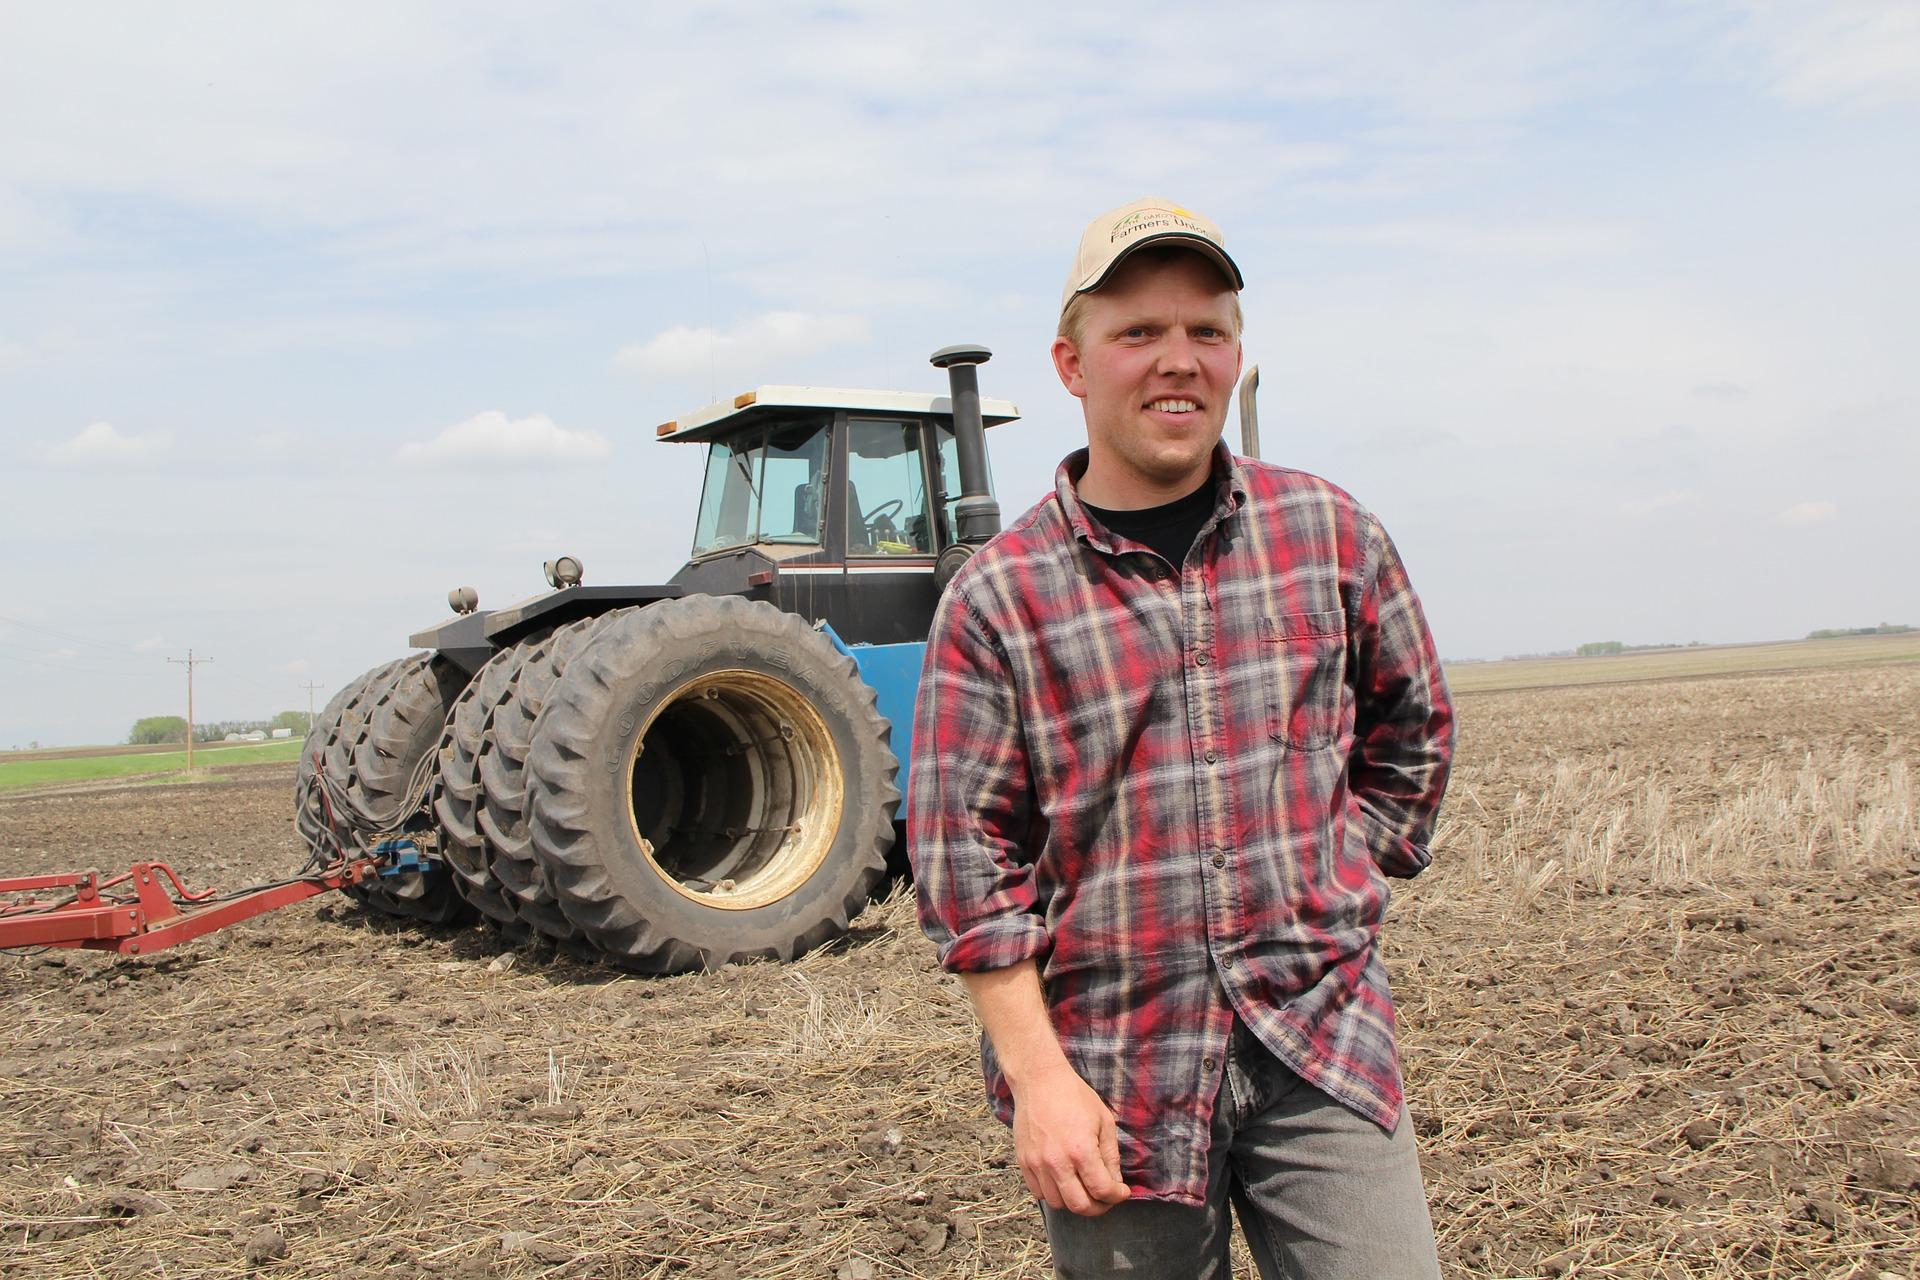 Almanya'da çiftçiler koalisyon hükümetinin tarım politikalarını protesto etti